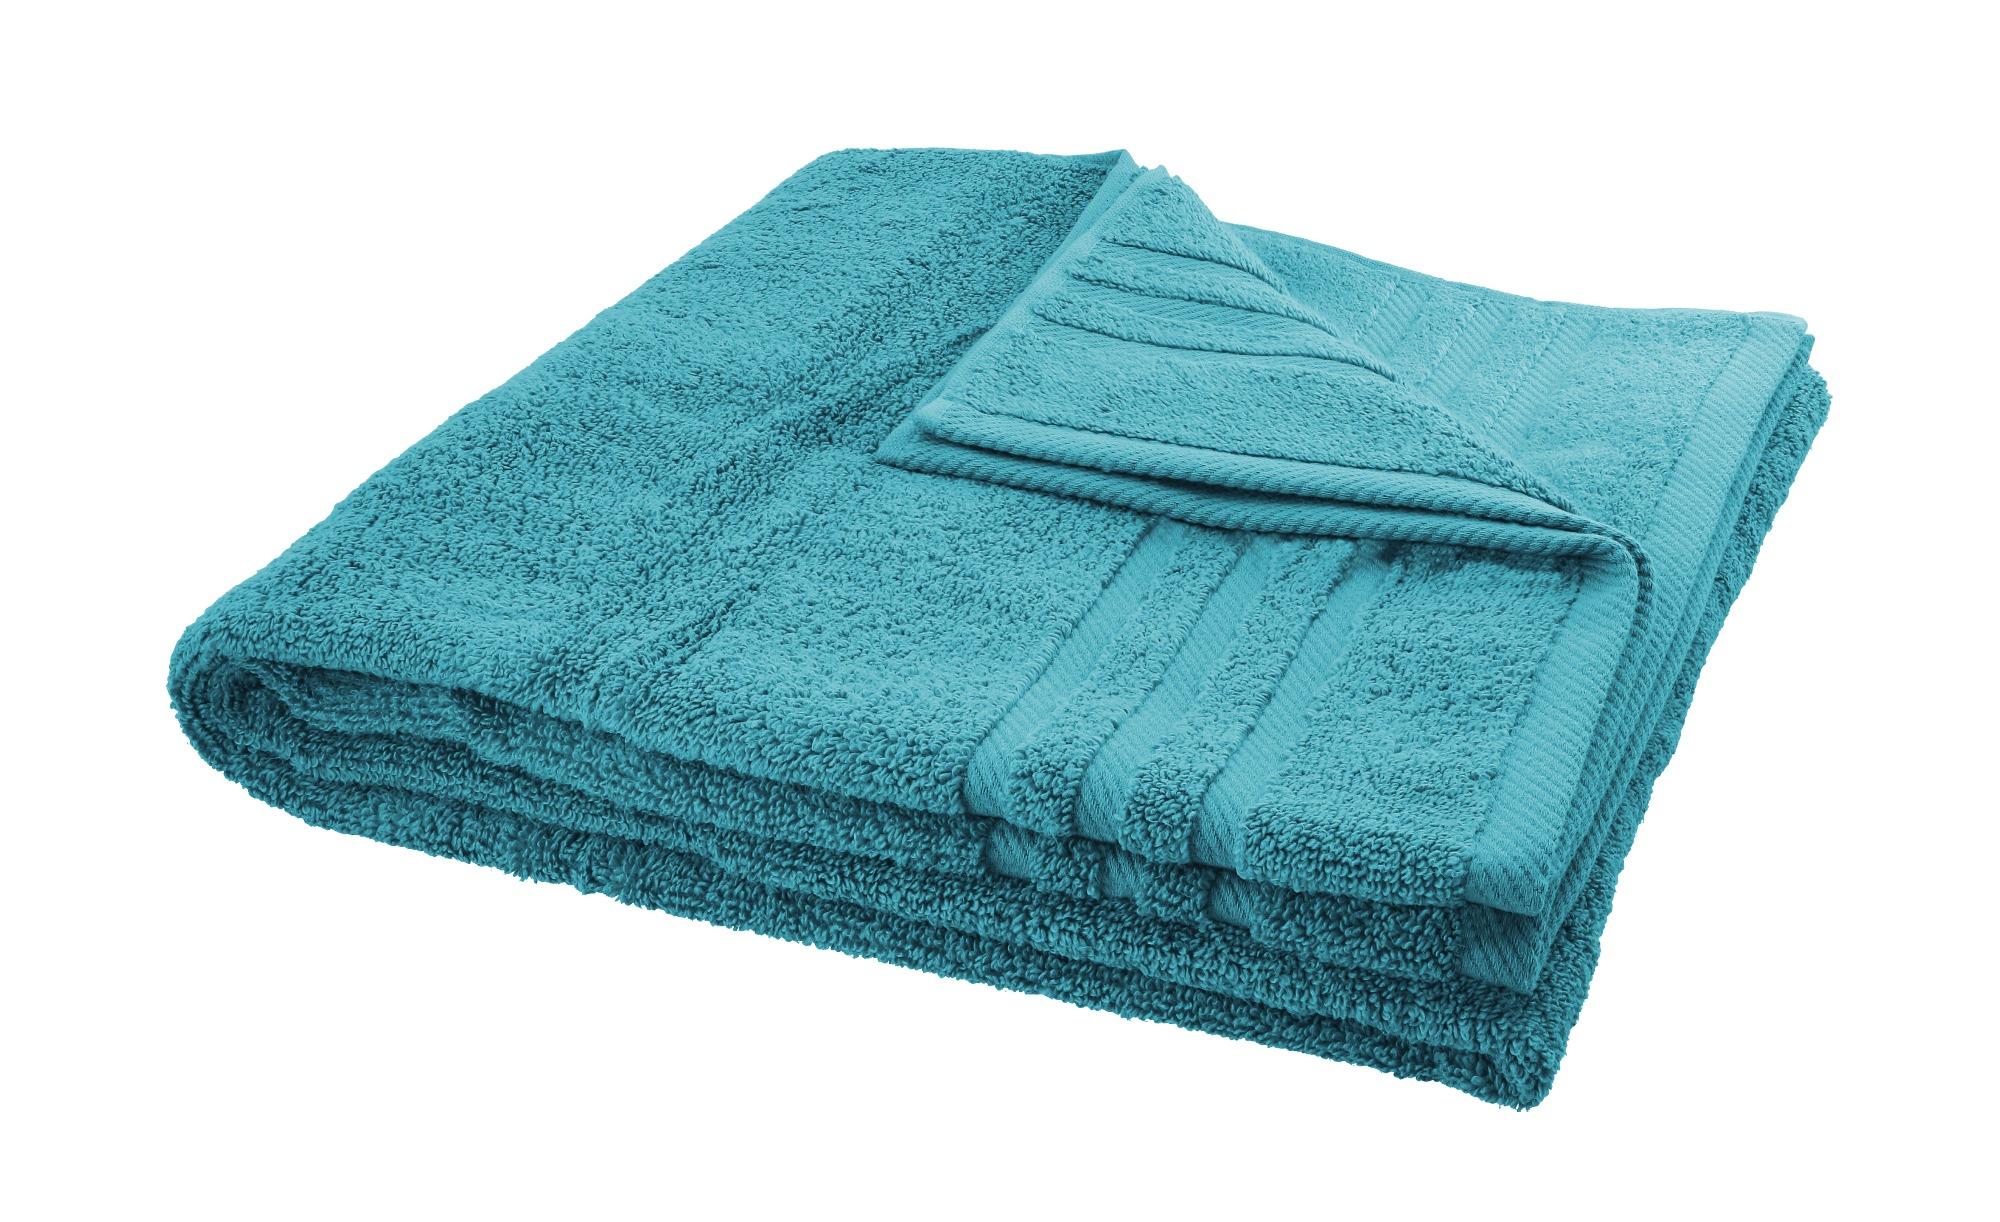 LAVIDA Duschtuch  Soft Cotton ¦ türkis/petrol ¦ reine Micro-Baumwolle ¦ Maße (cm): B: 70 Badtextilien und Zubehör > Handtücher & Badetücher > Duschtücher - Höffner